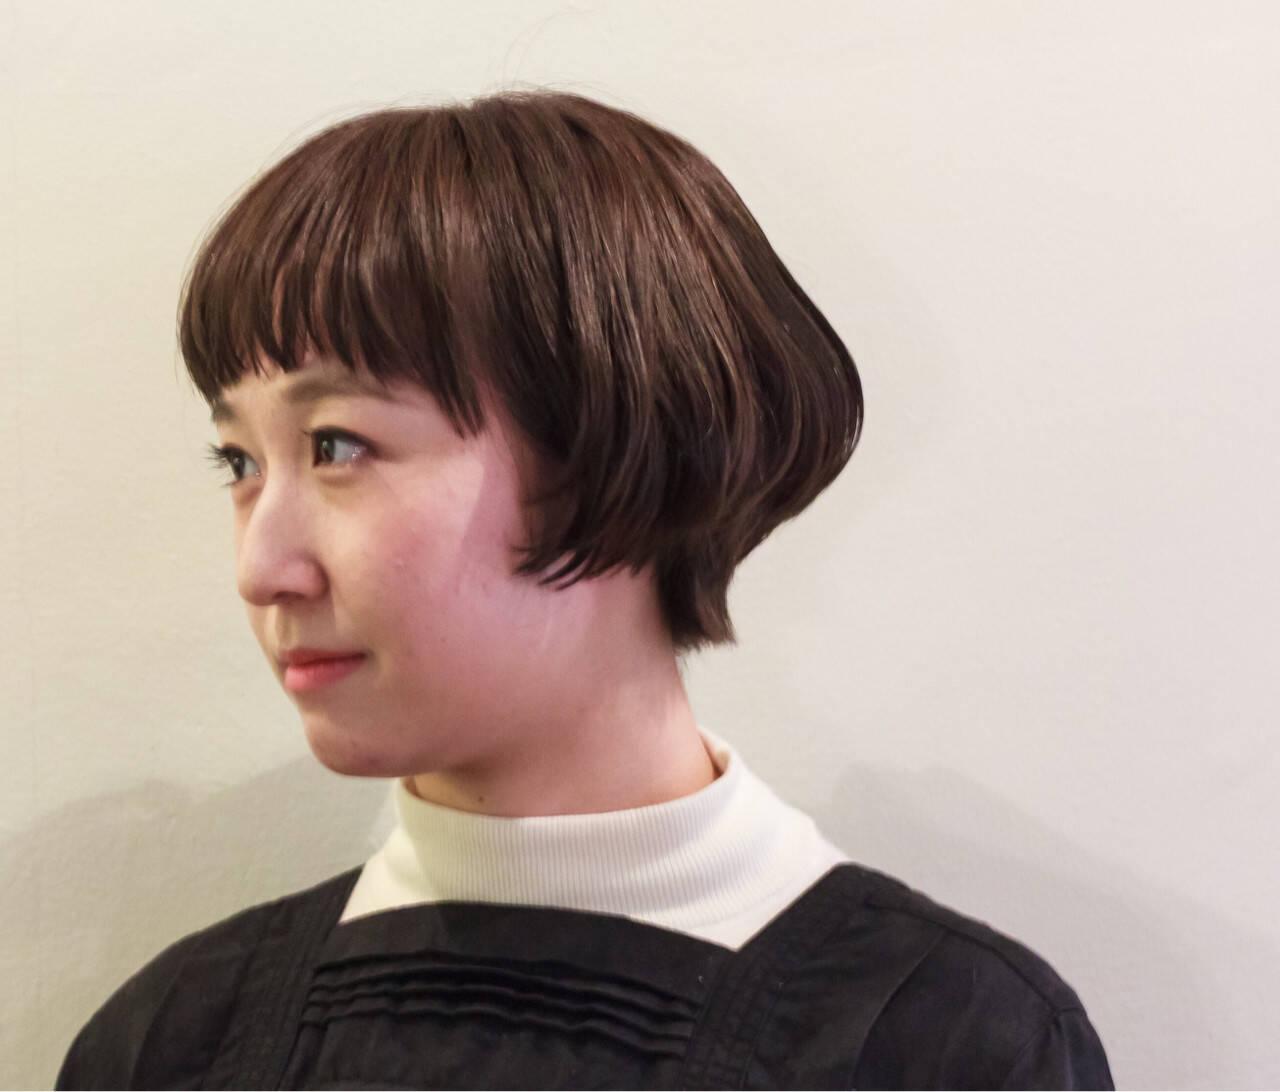 暗髪 色気 ボブ ダークアッシュヘアスタイルや髪型の写真・画像